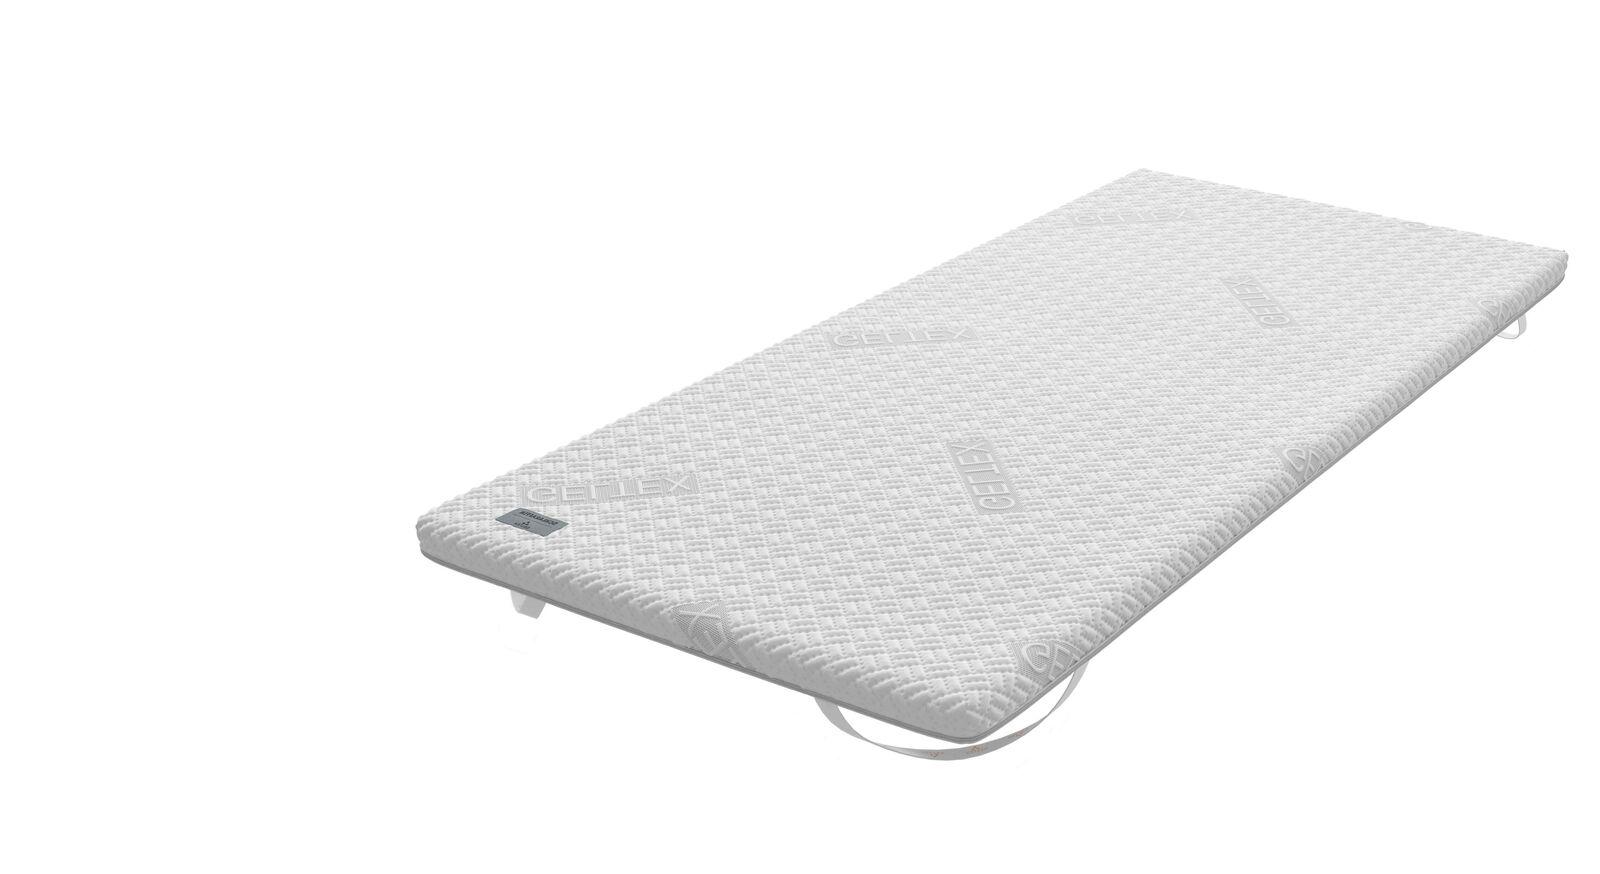 SCHLARAFFIA GELTEX-Topper Roll-n-Sleep für klimaregulierenden Schlafkomfort